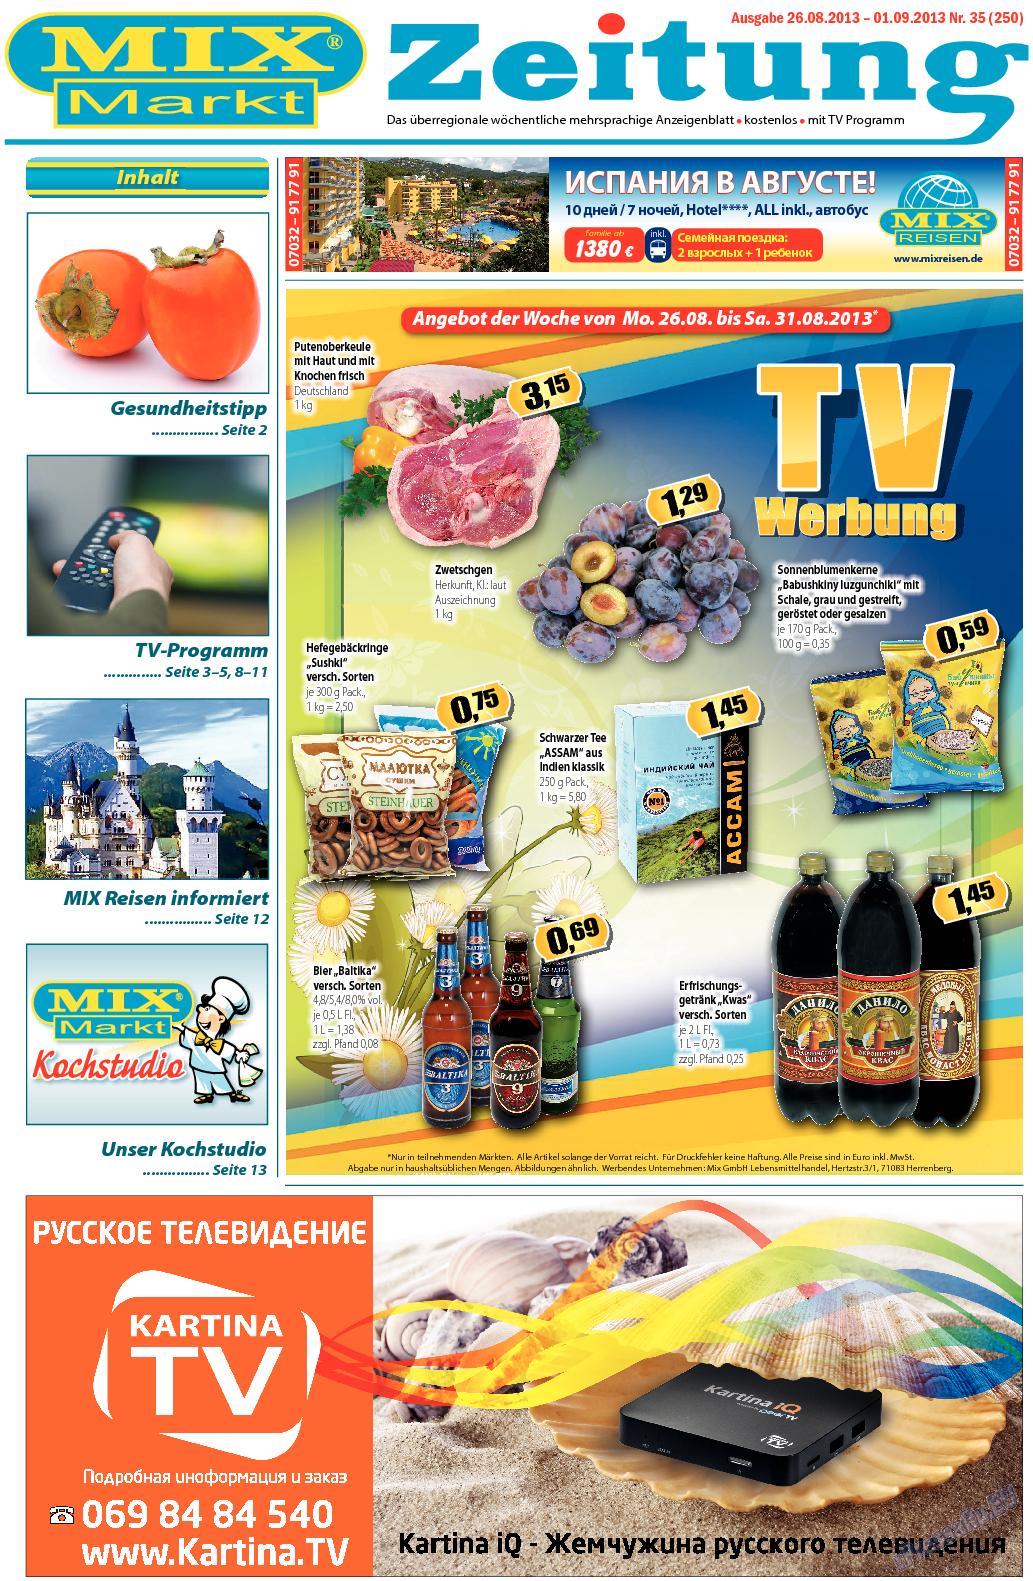 MIX-Markt Zeitung (газета). 2013 год, номер 35, стр. 1